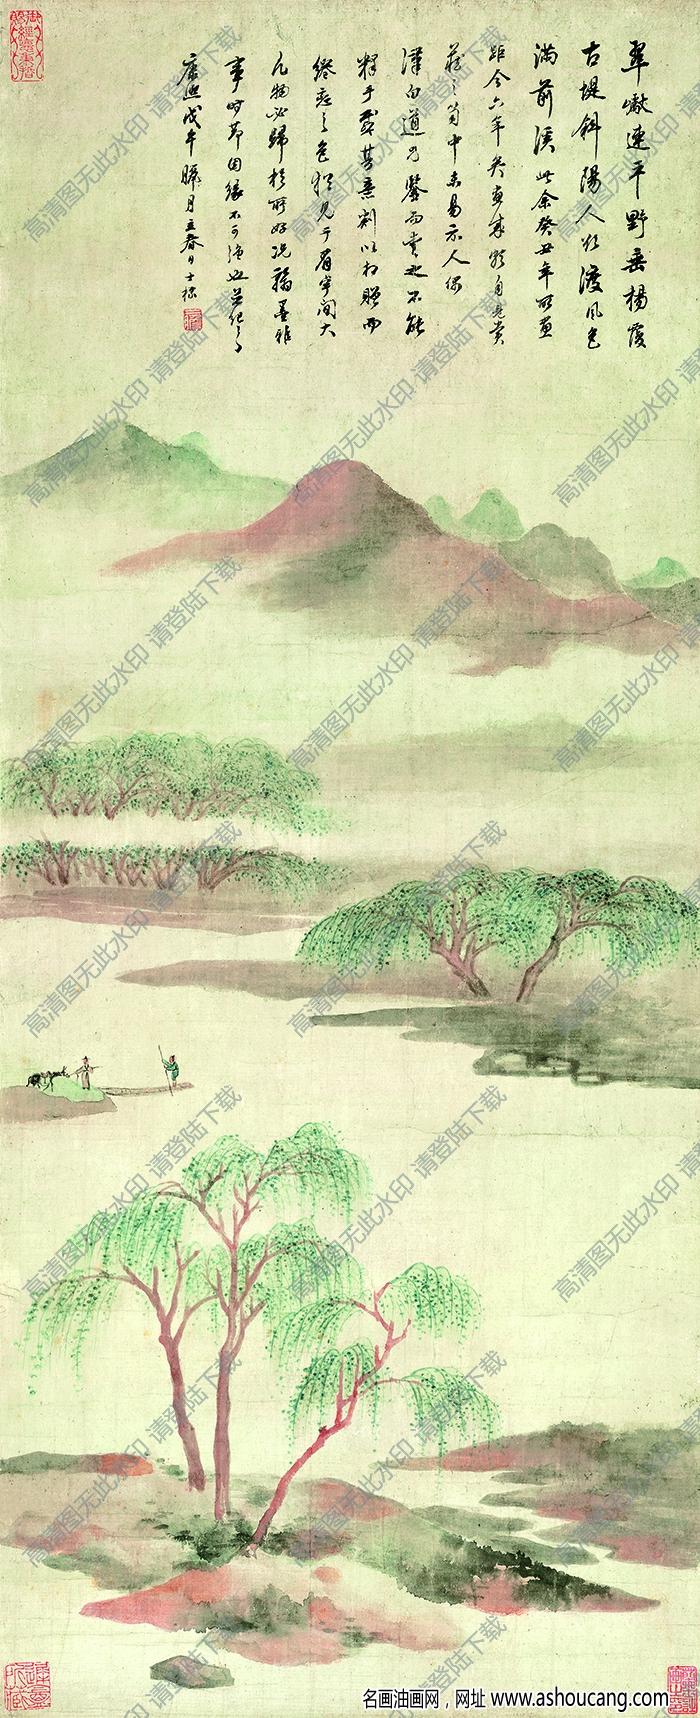 查士标超高清国画《山水图》百度云网盘下载